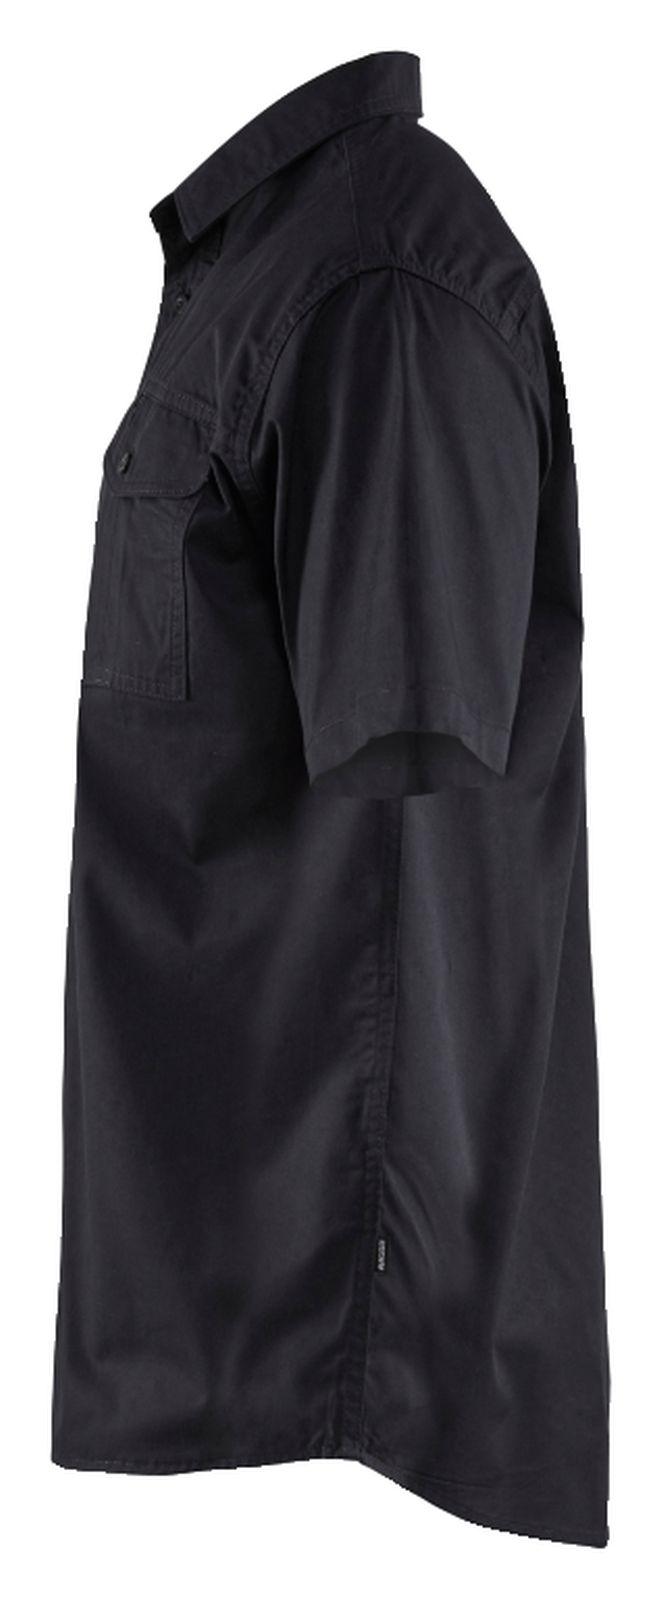 Blaklader Overhemden 32961190 zwart(9900)